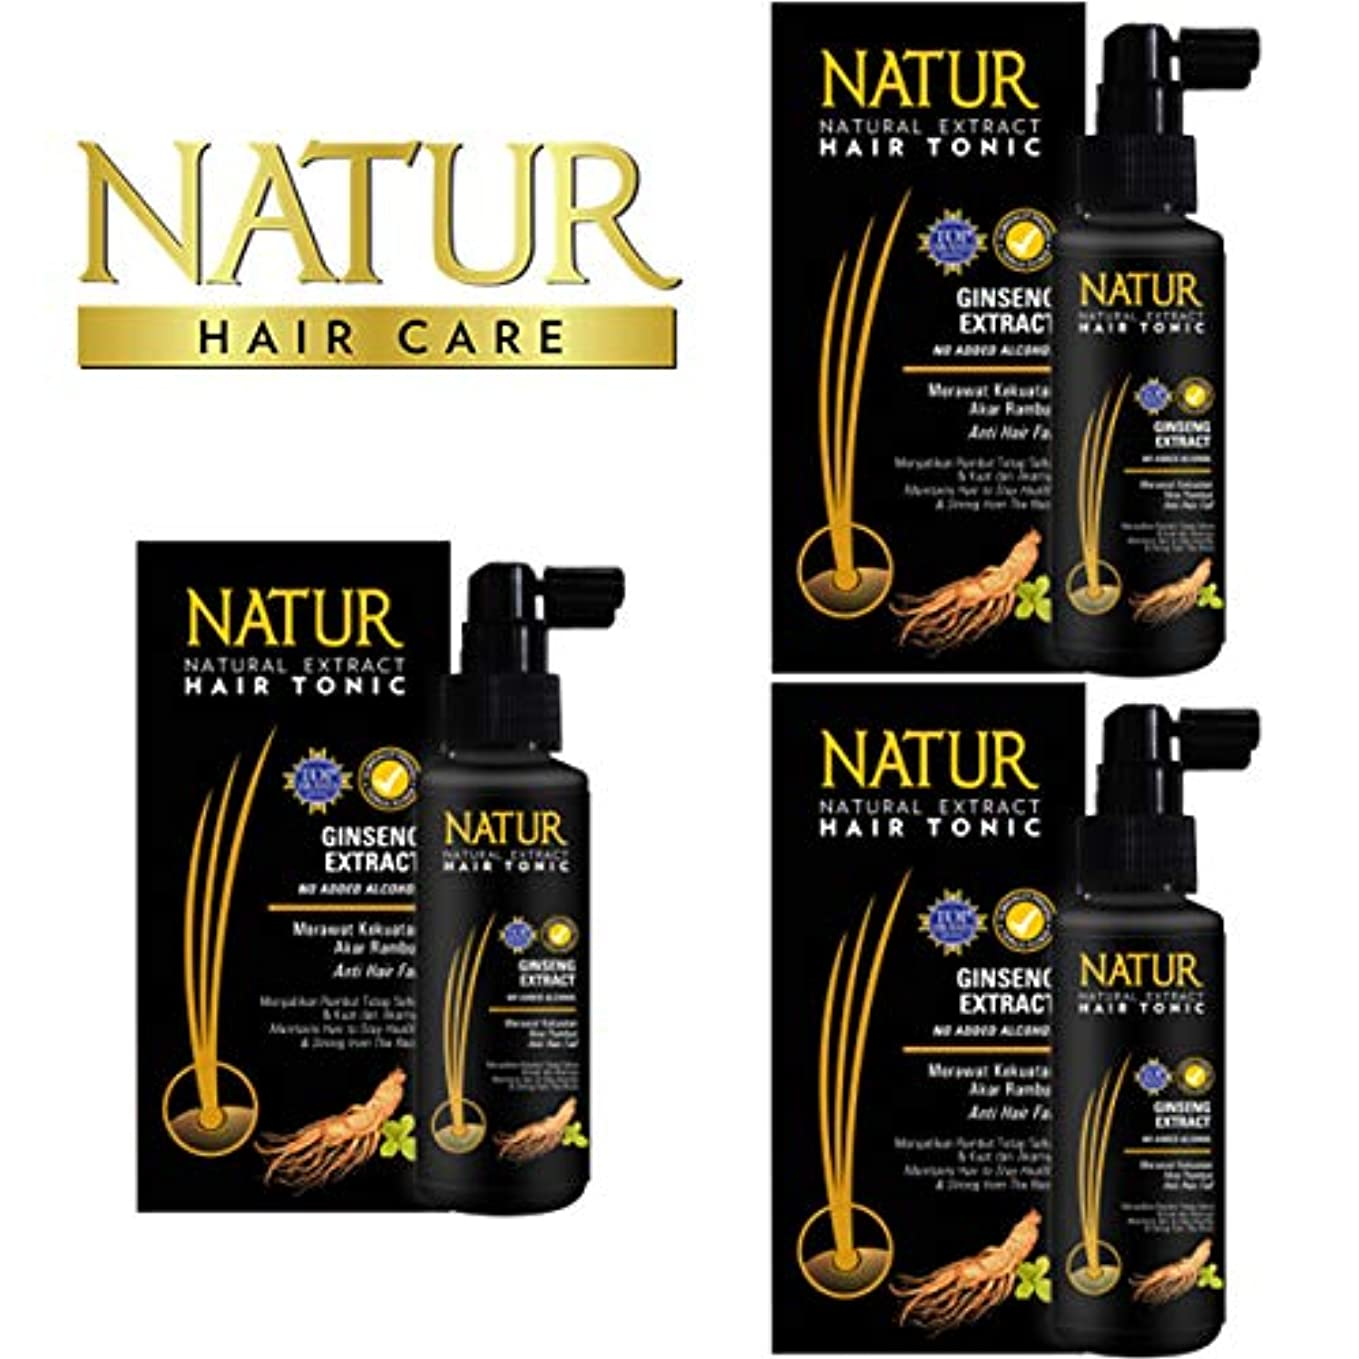 コミュニティ成功膨張するNATUR ナトゥール 天然植物エキス配合 Hair Tonic ハーバルヘアトニック 90ml×3個セット Ginseng ジンセン [海外直商品]